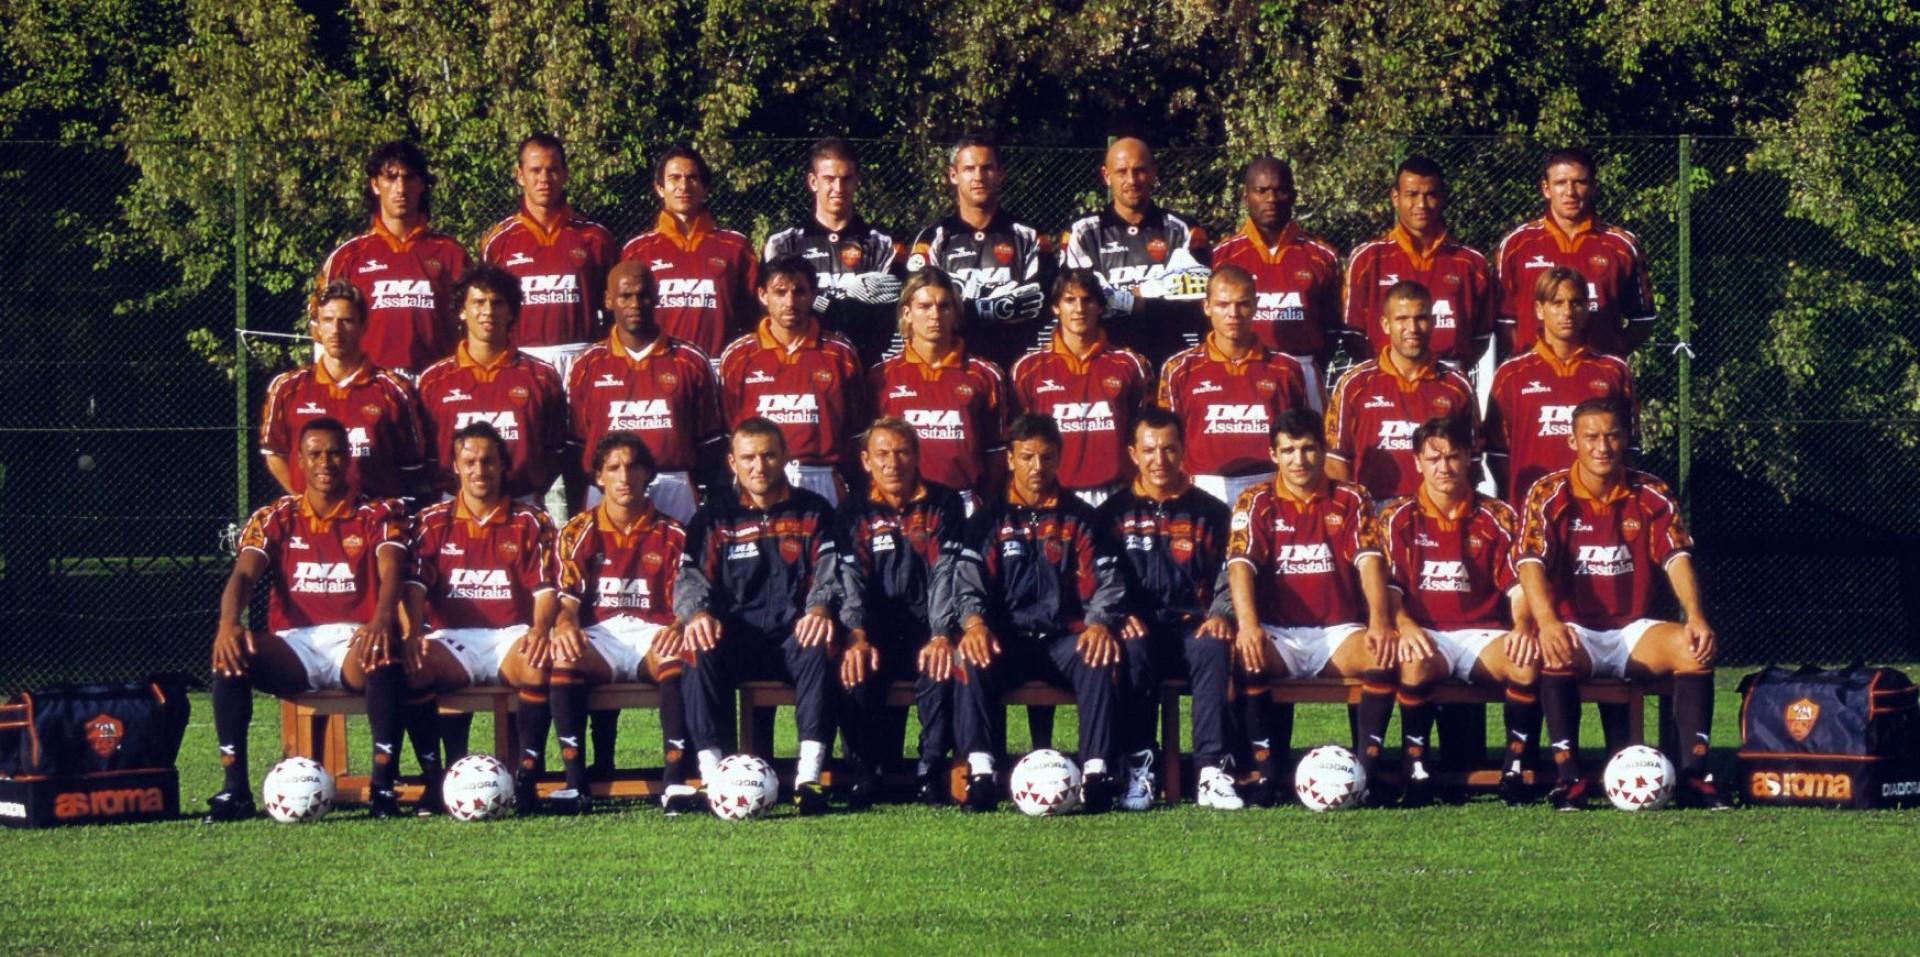 Associazione_Sportiva_Roma_1998-99